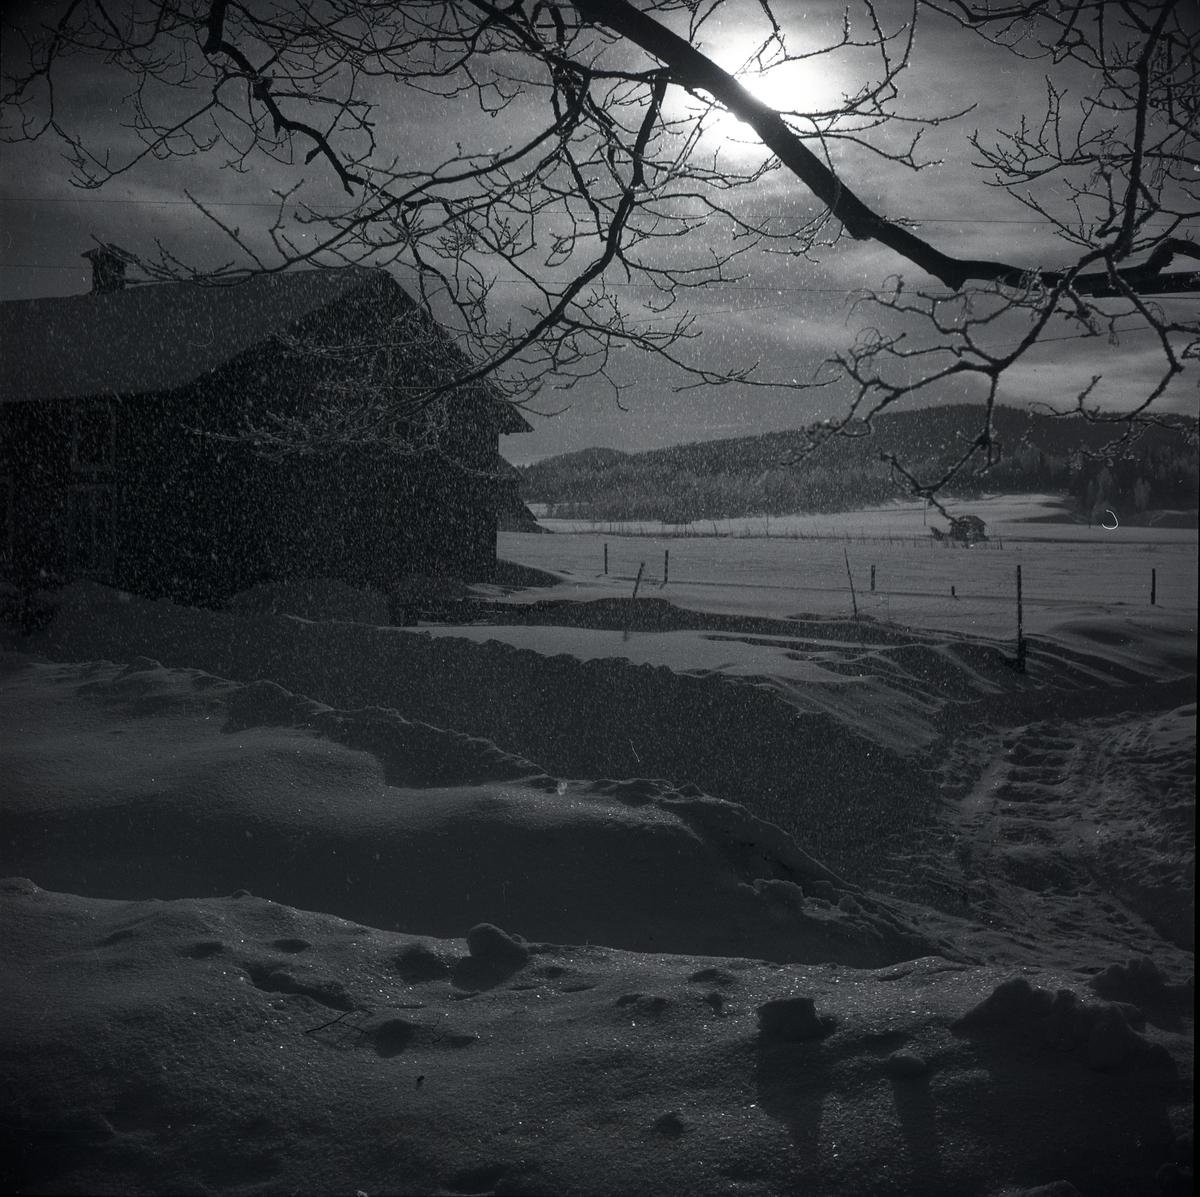 Fallande rimfrost vid slakteriet i Sunnanåker, vintern 1948.